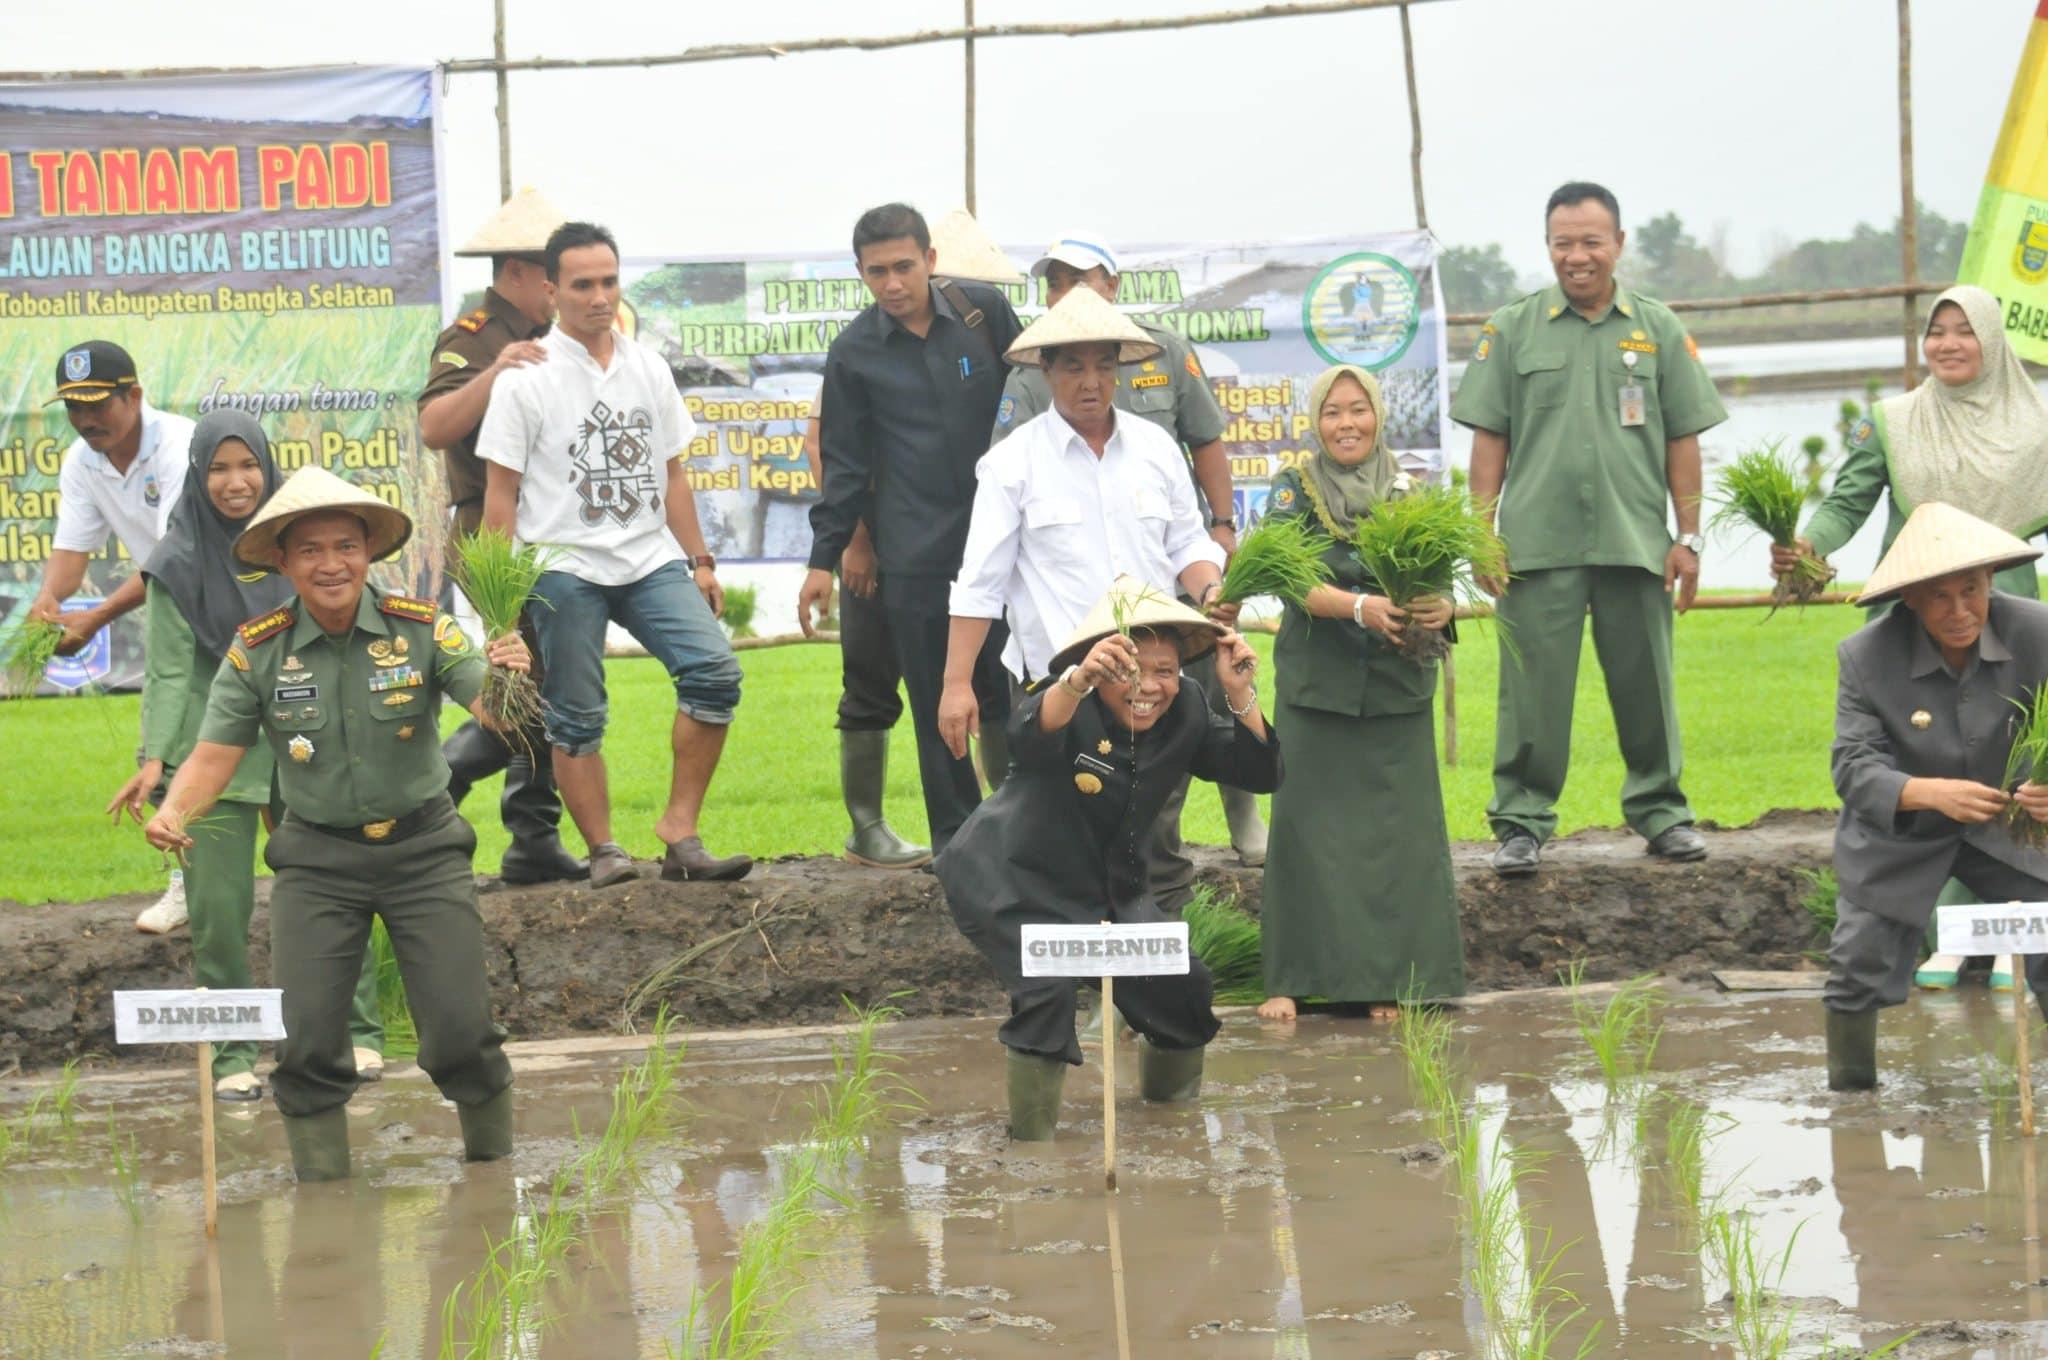 Danrem 045 Bersama Gubernur Tanam Padi Perdana di Toboali